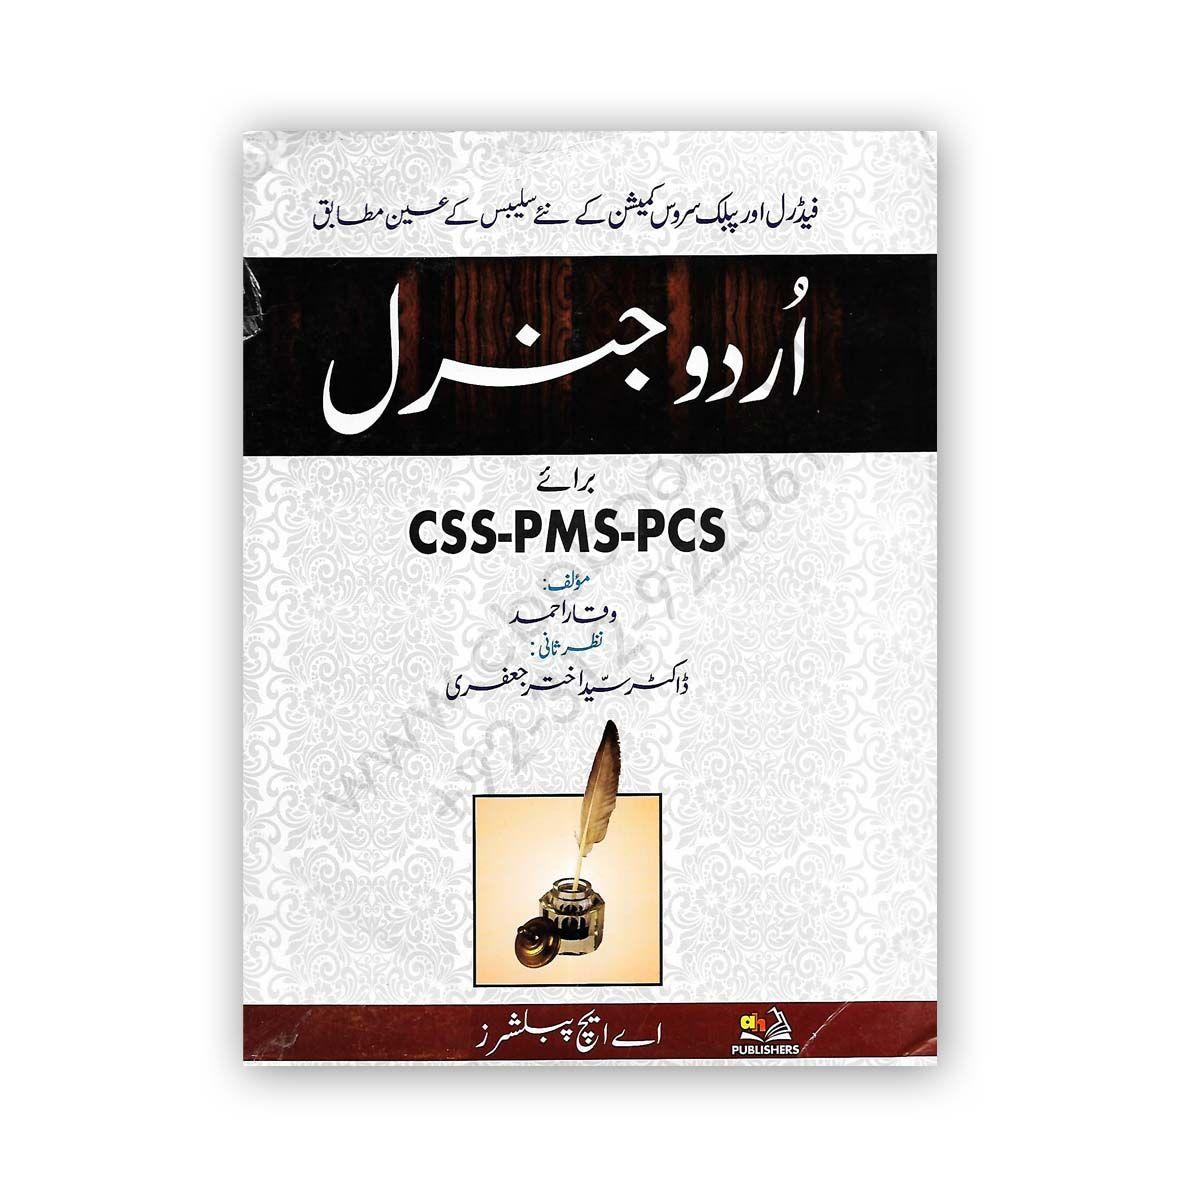 URDU GENERAL For CSS/PMS/PCS (Judicial) By Waqar Ahmad - AH